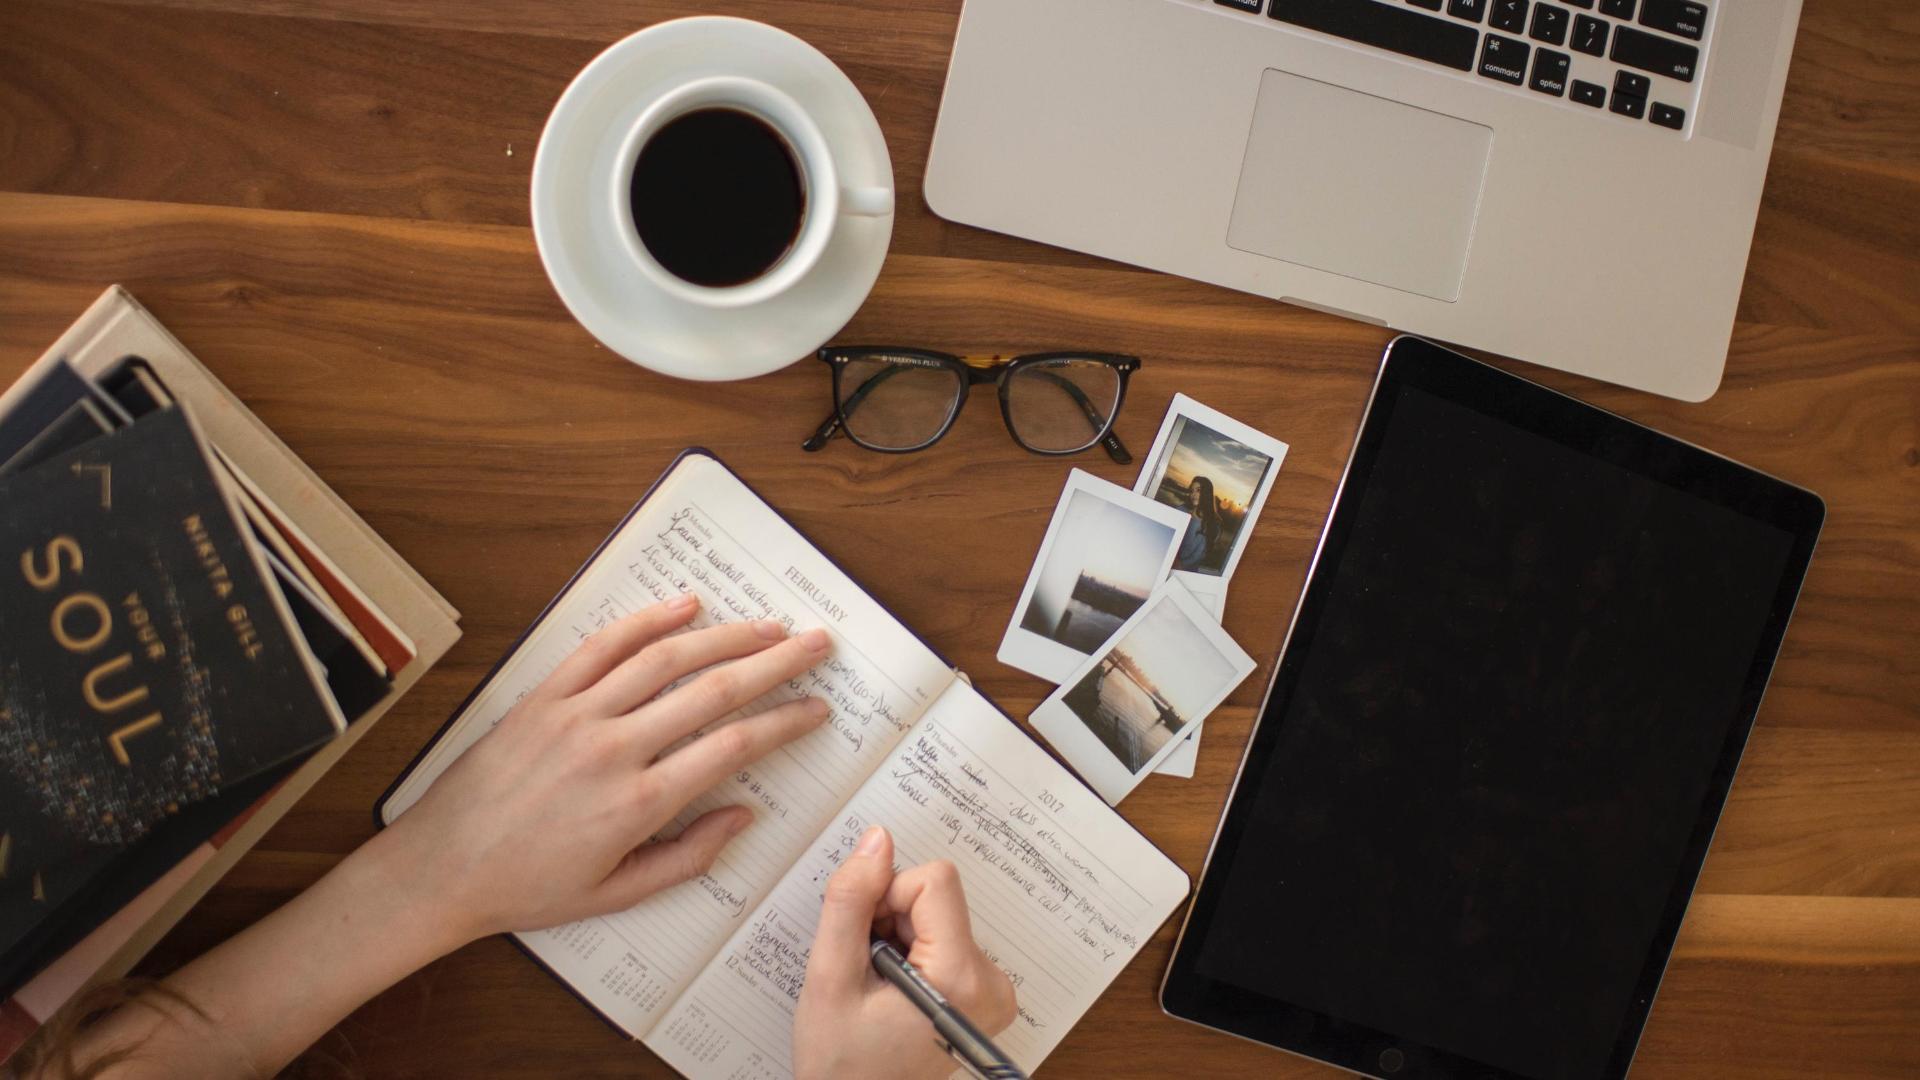 Öğrenci Kariyeri - : Ajanda Kullanmanın 5 Büyük Faydası